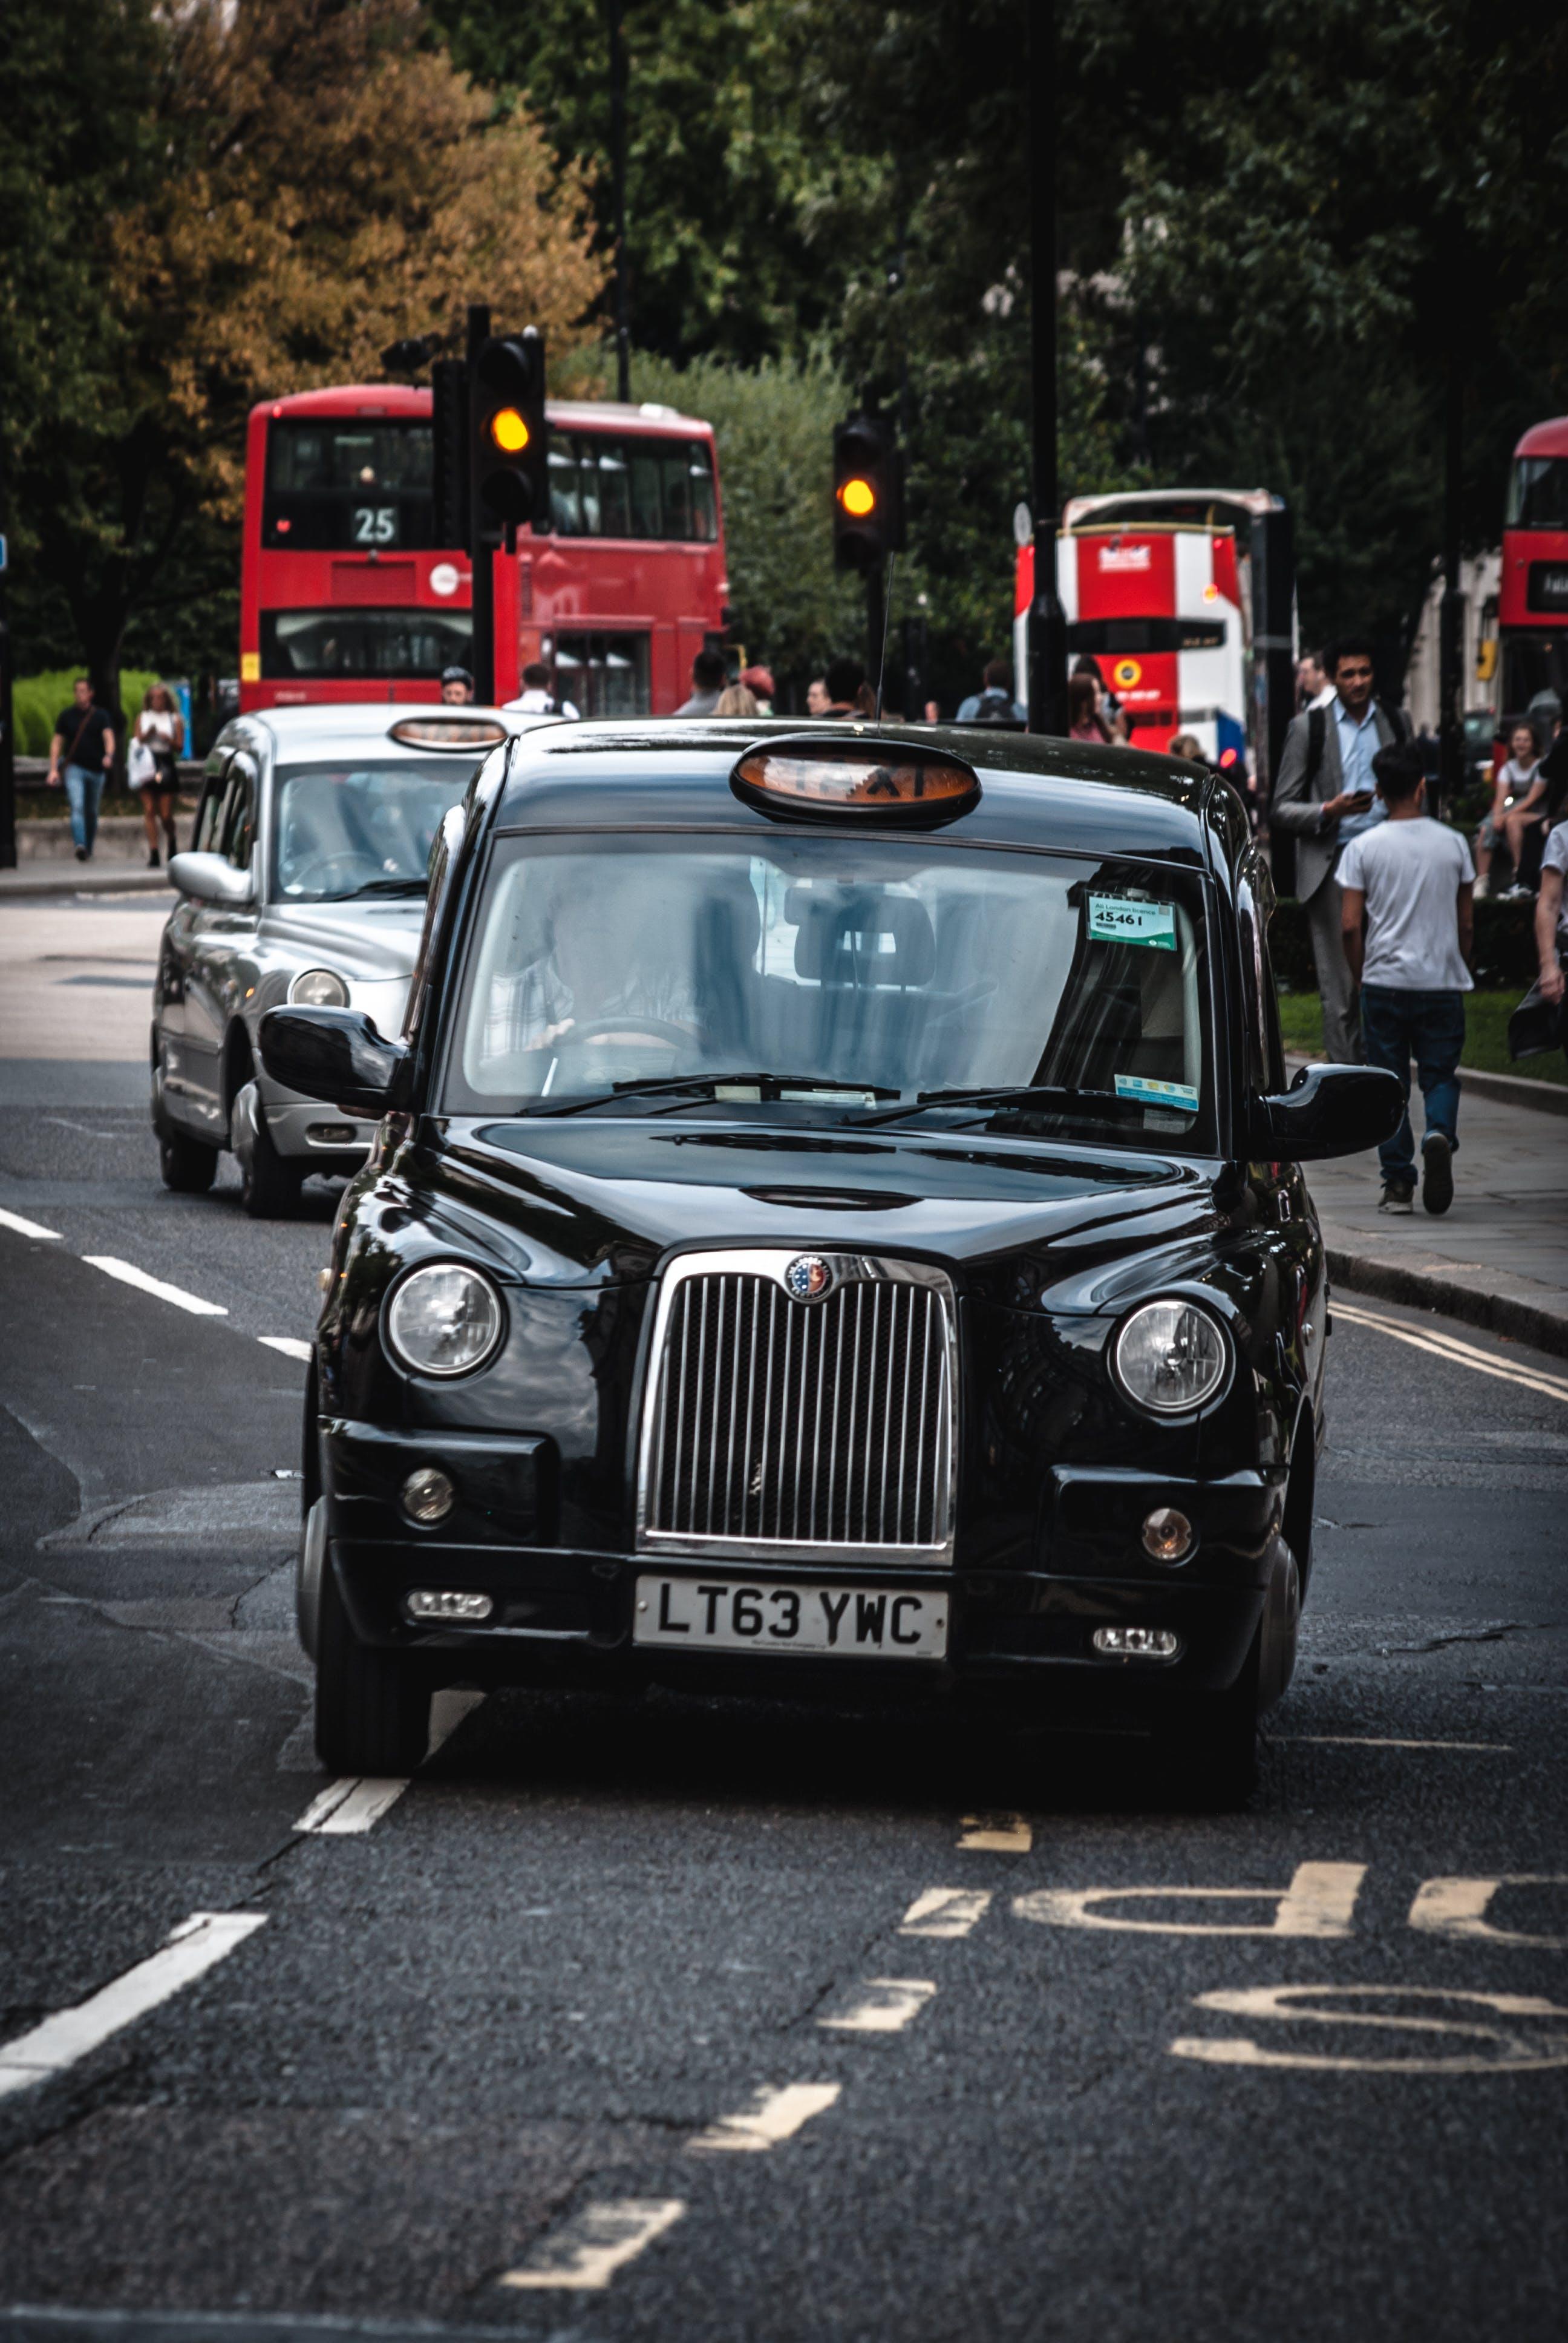 Foto d'estoc gratuïta de Anglaterra, asfalt, automòbil, automoció